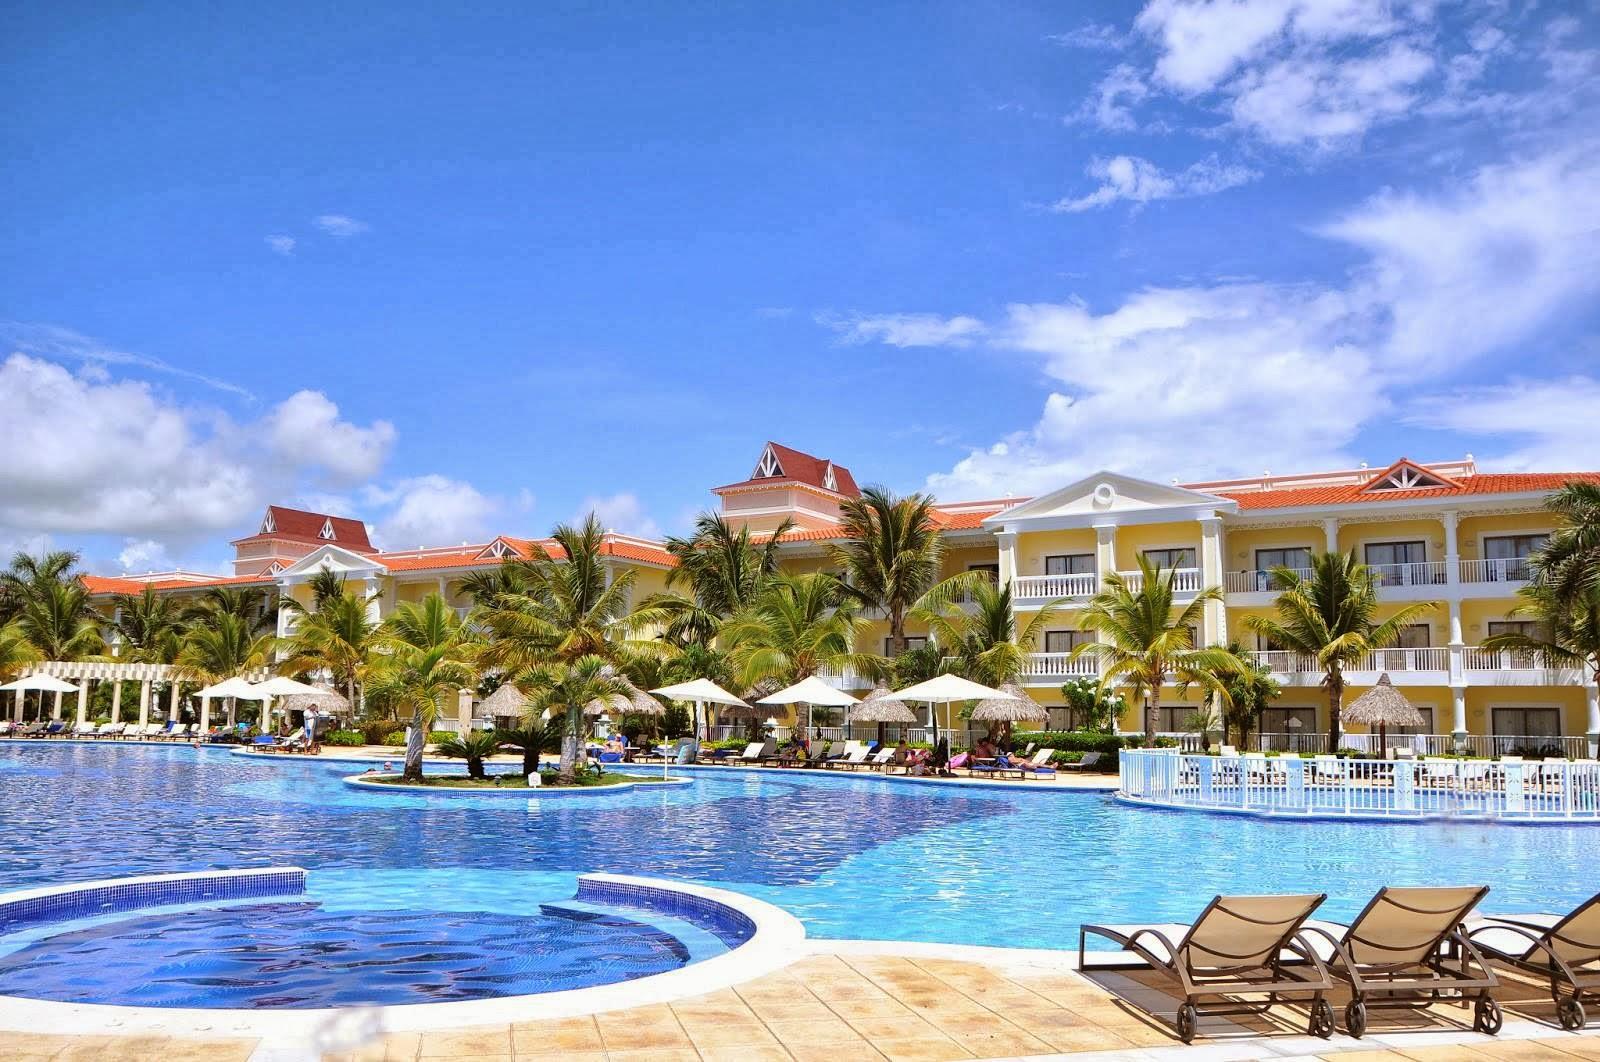 Доминиканская Республика. Идеальное направление для романтического отдыха.